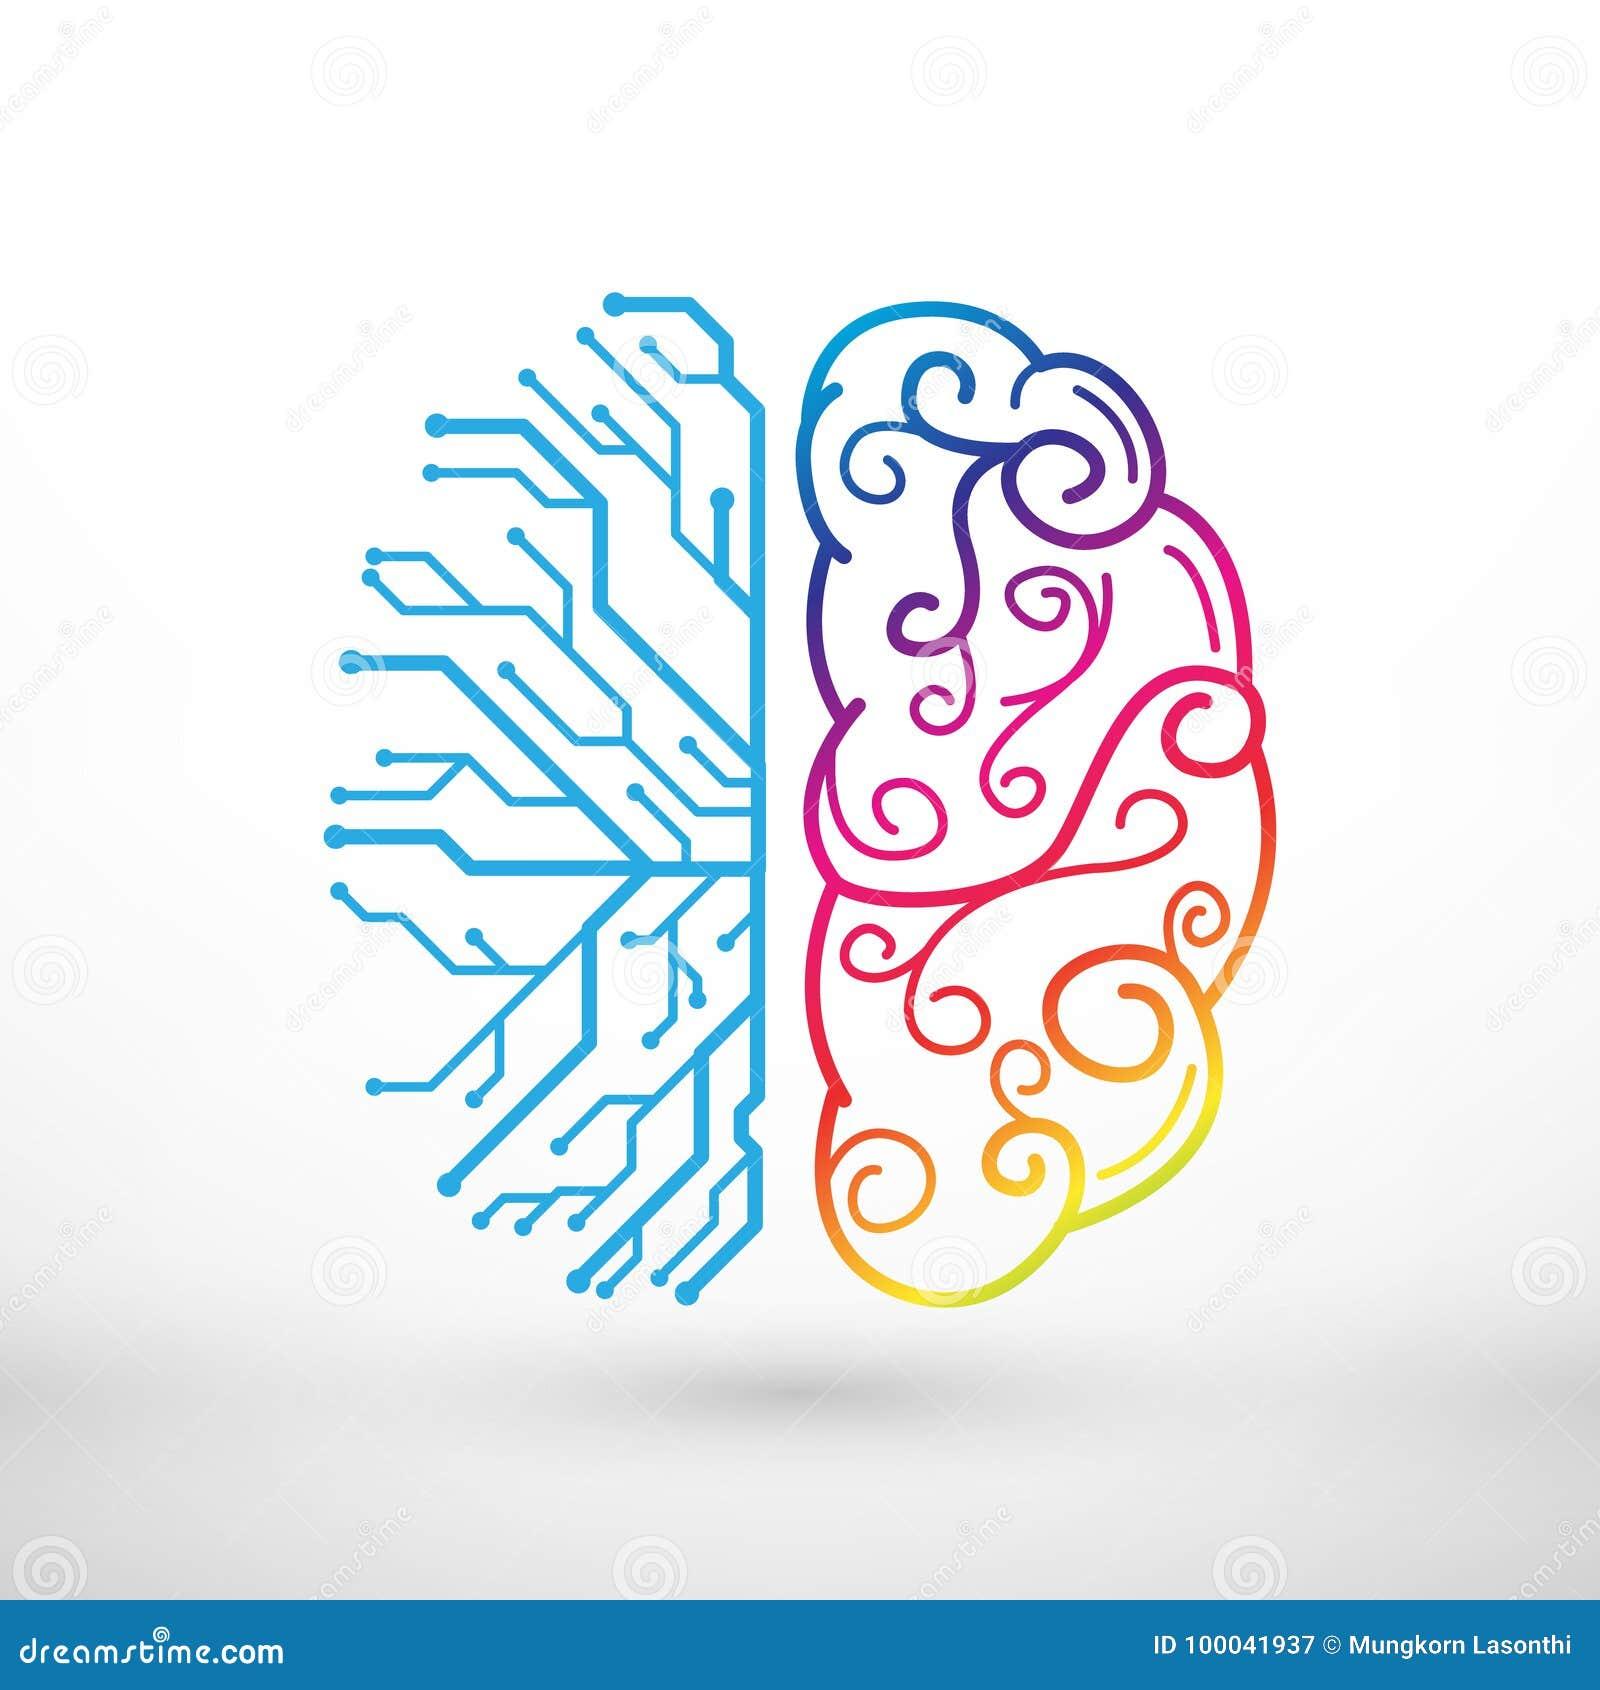 Las líneas abstractas cerebro izquierdo y derecho funcionan concepto